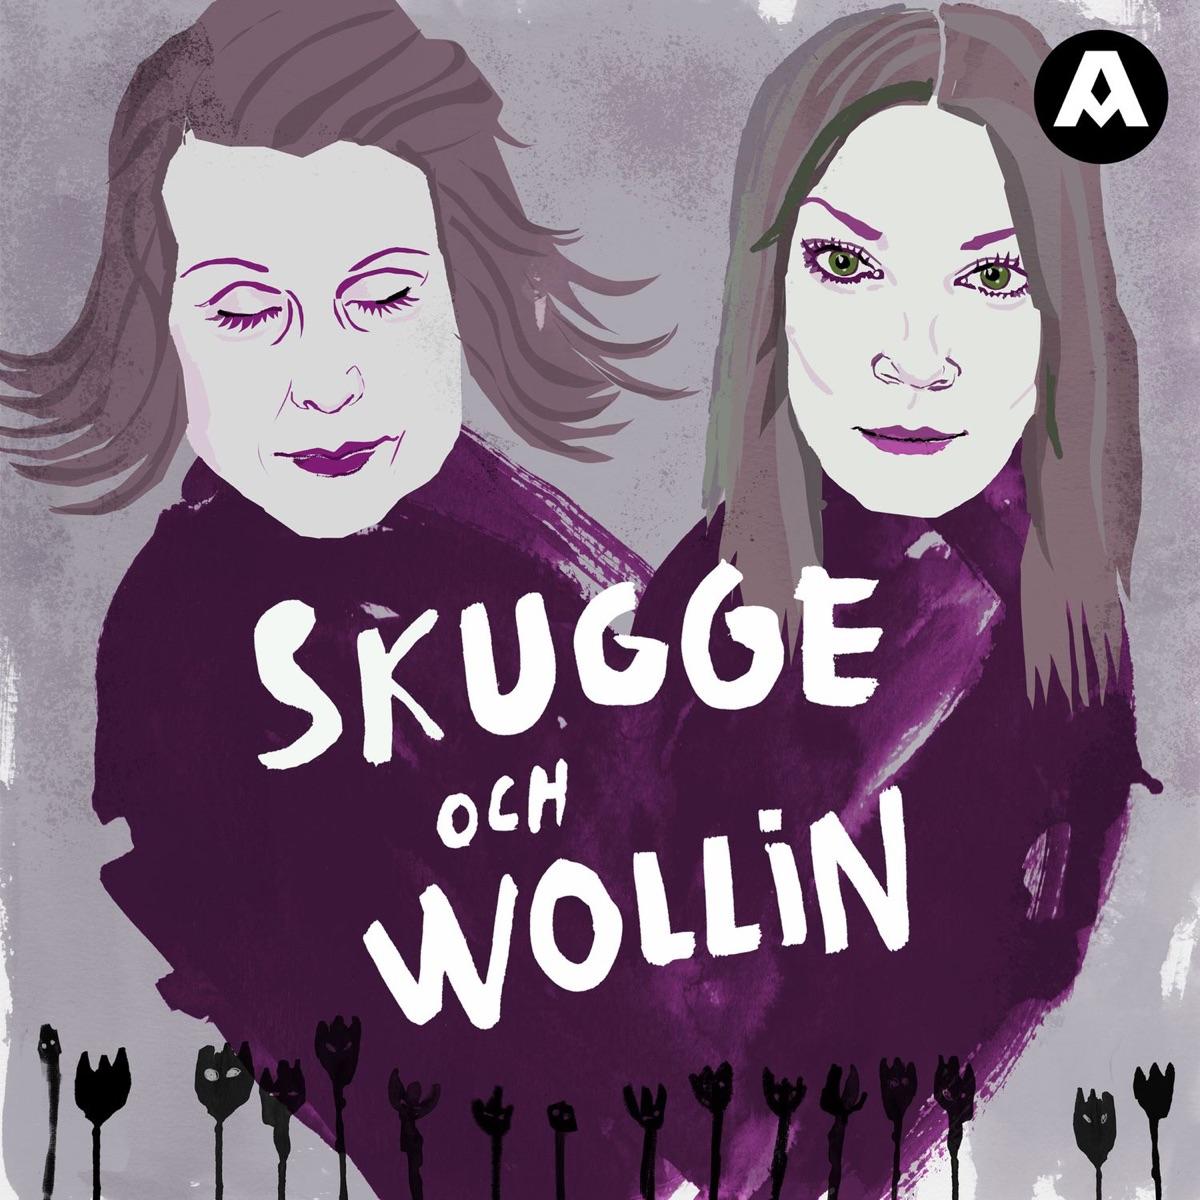 Skugge och Wollin